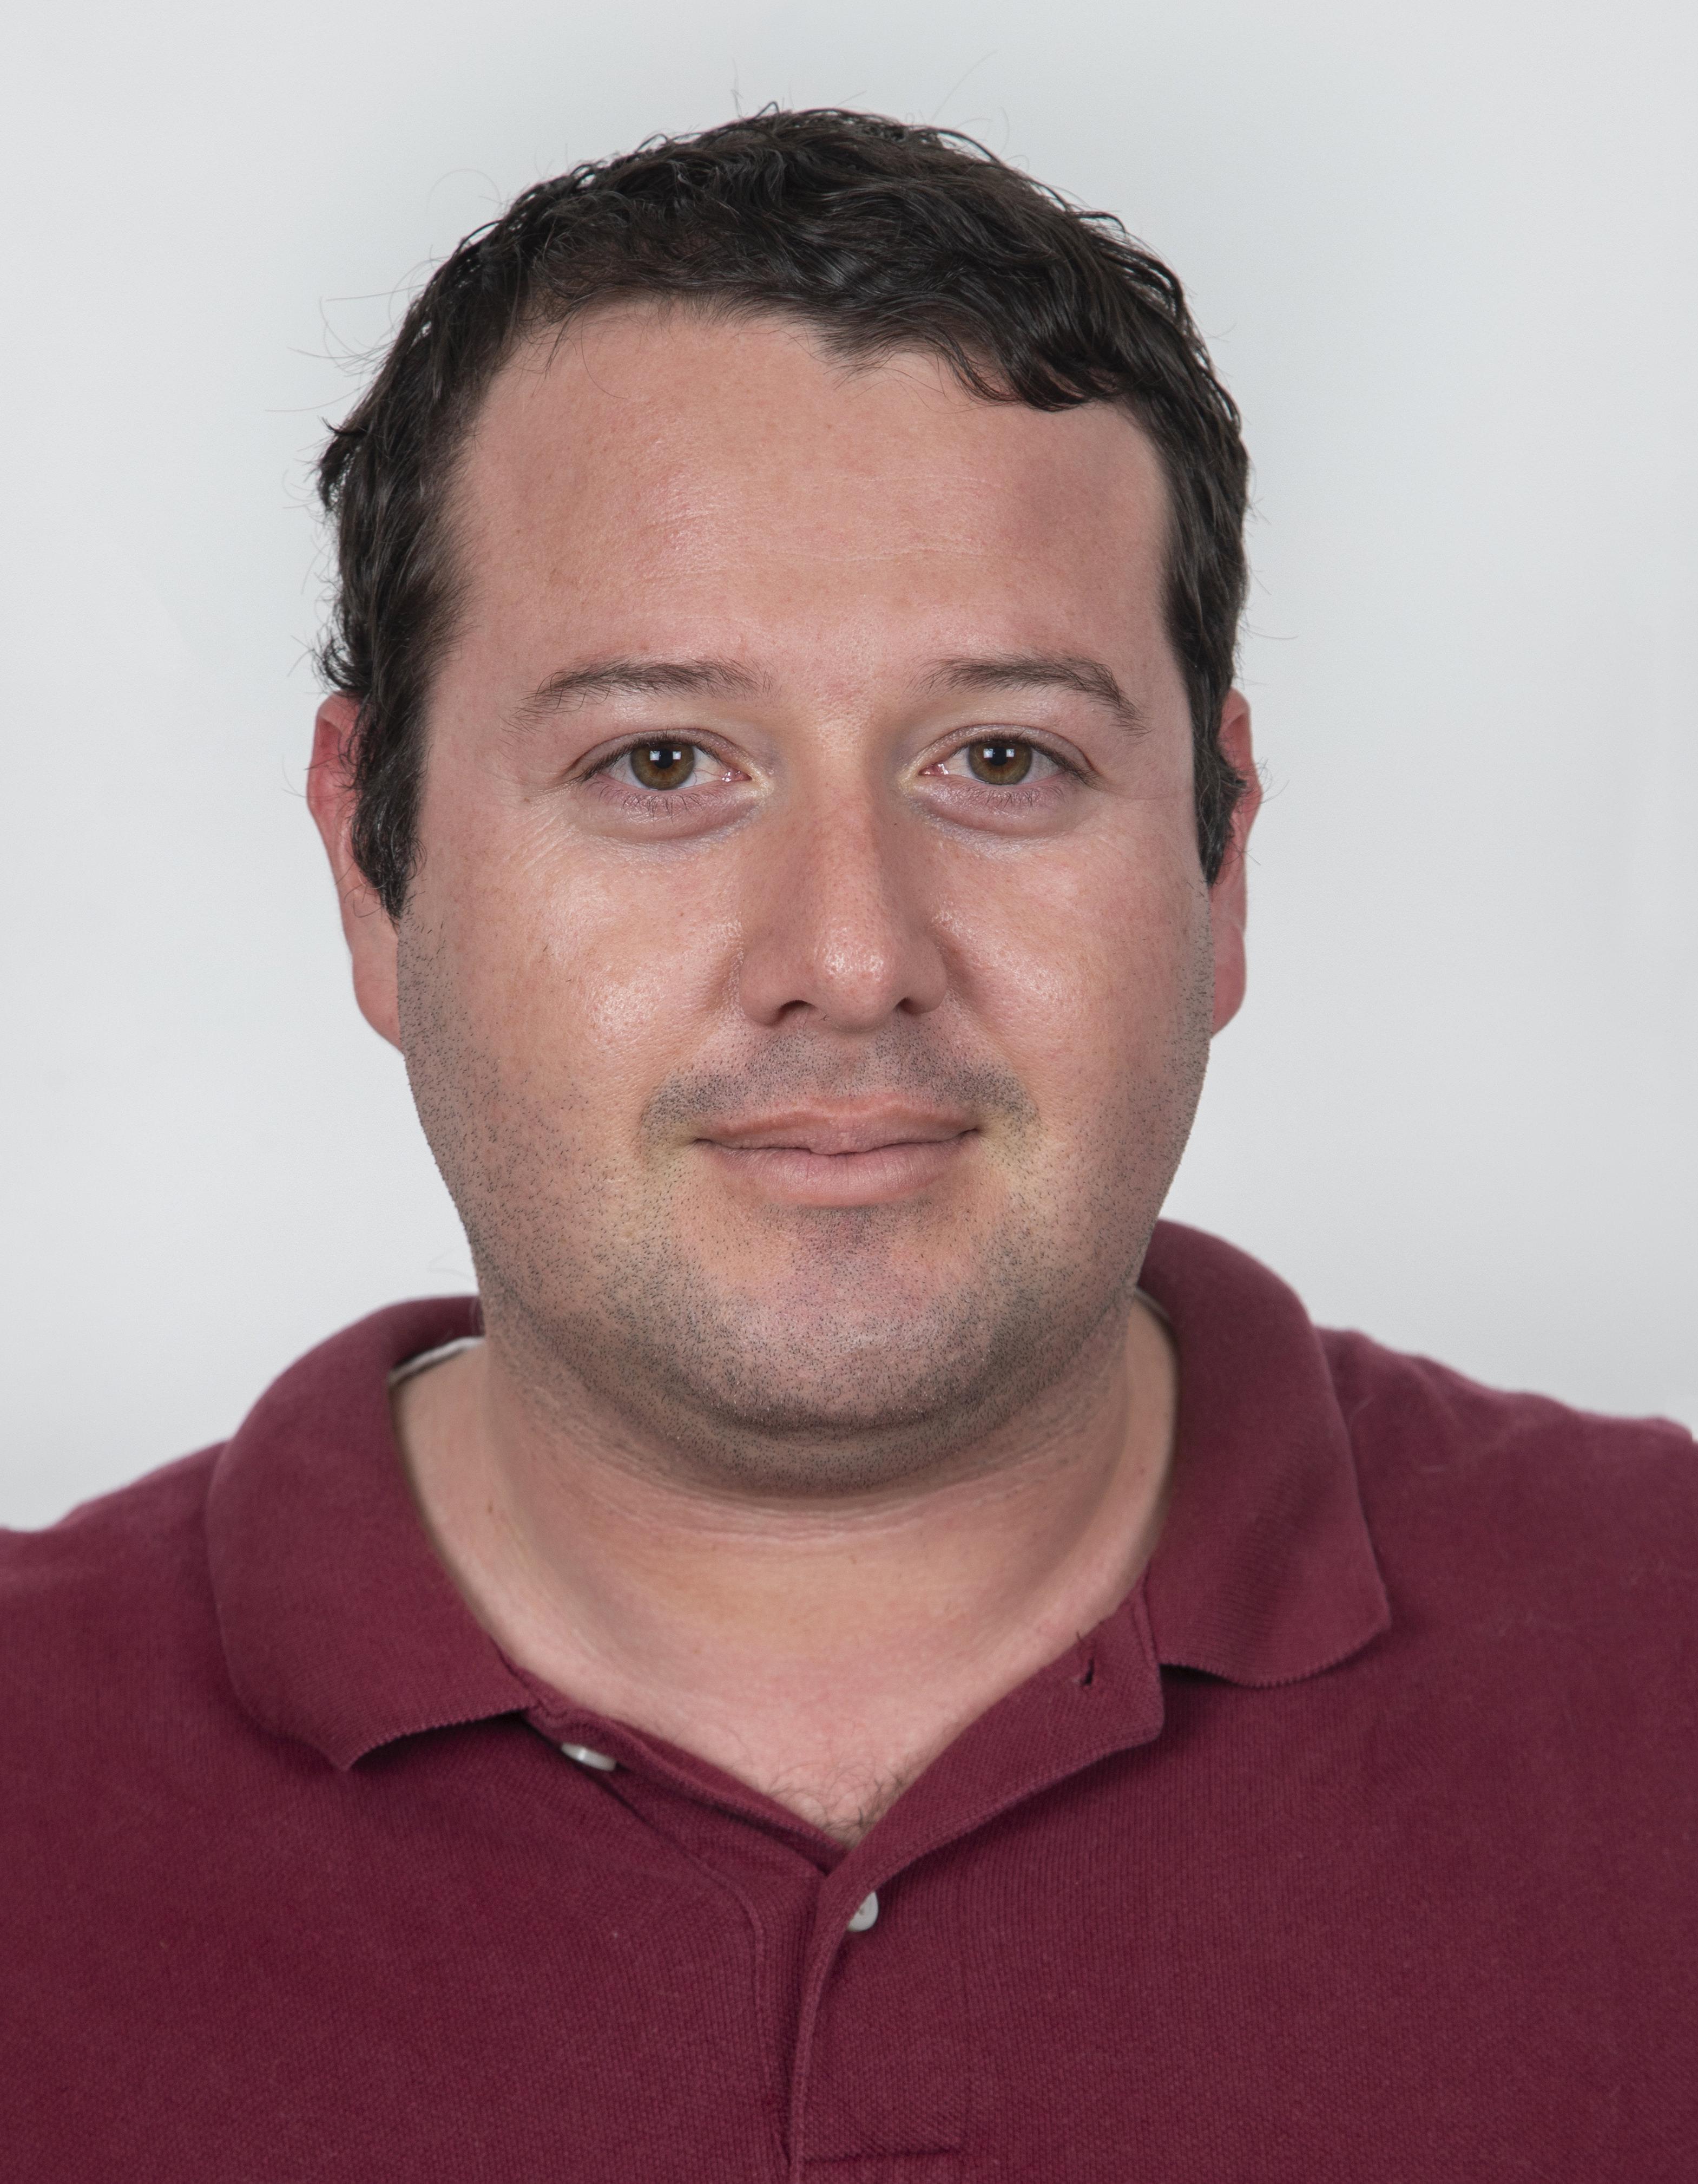 Foto pasaporte Hombre